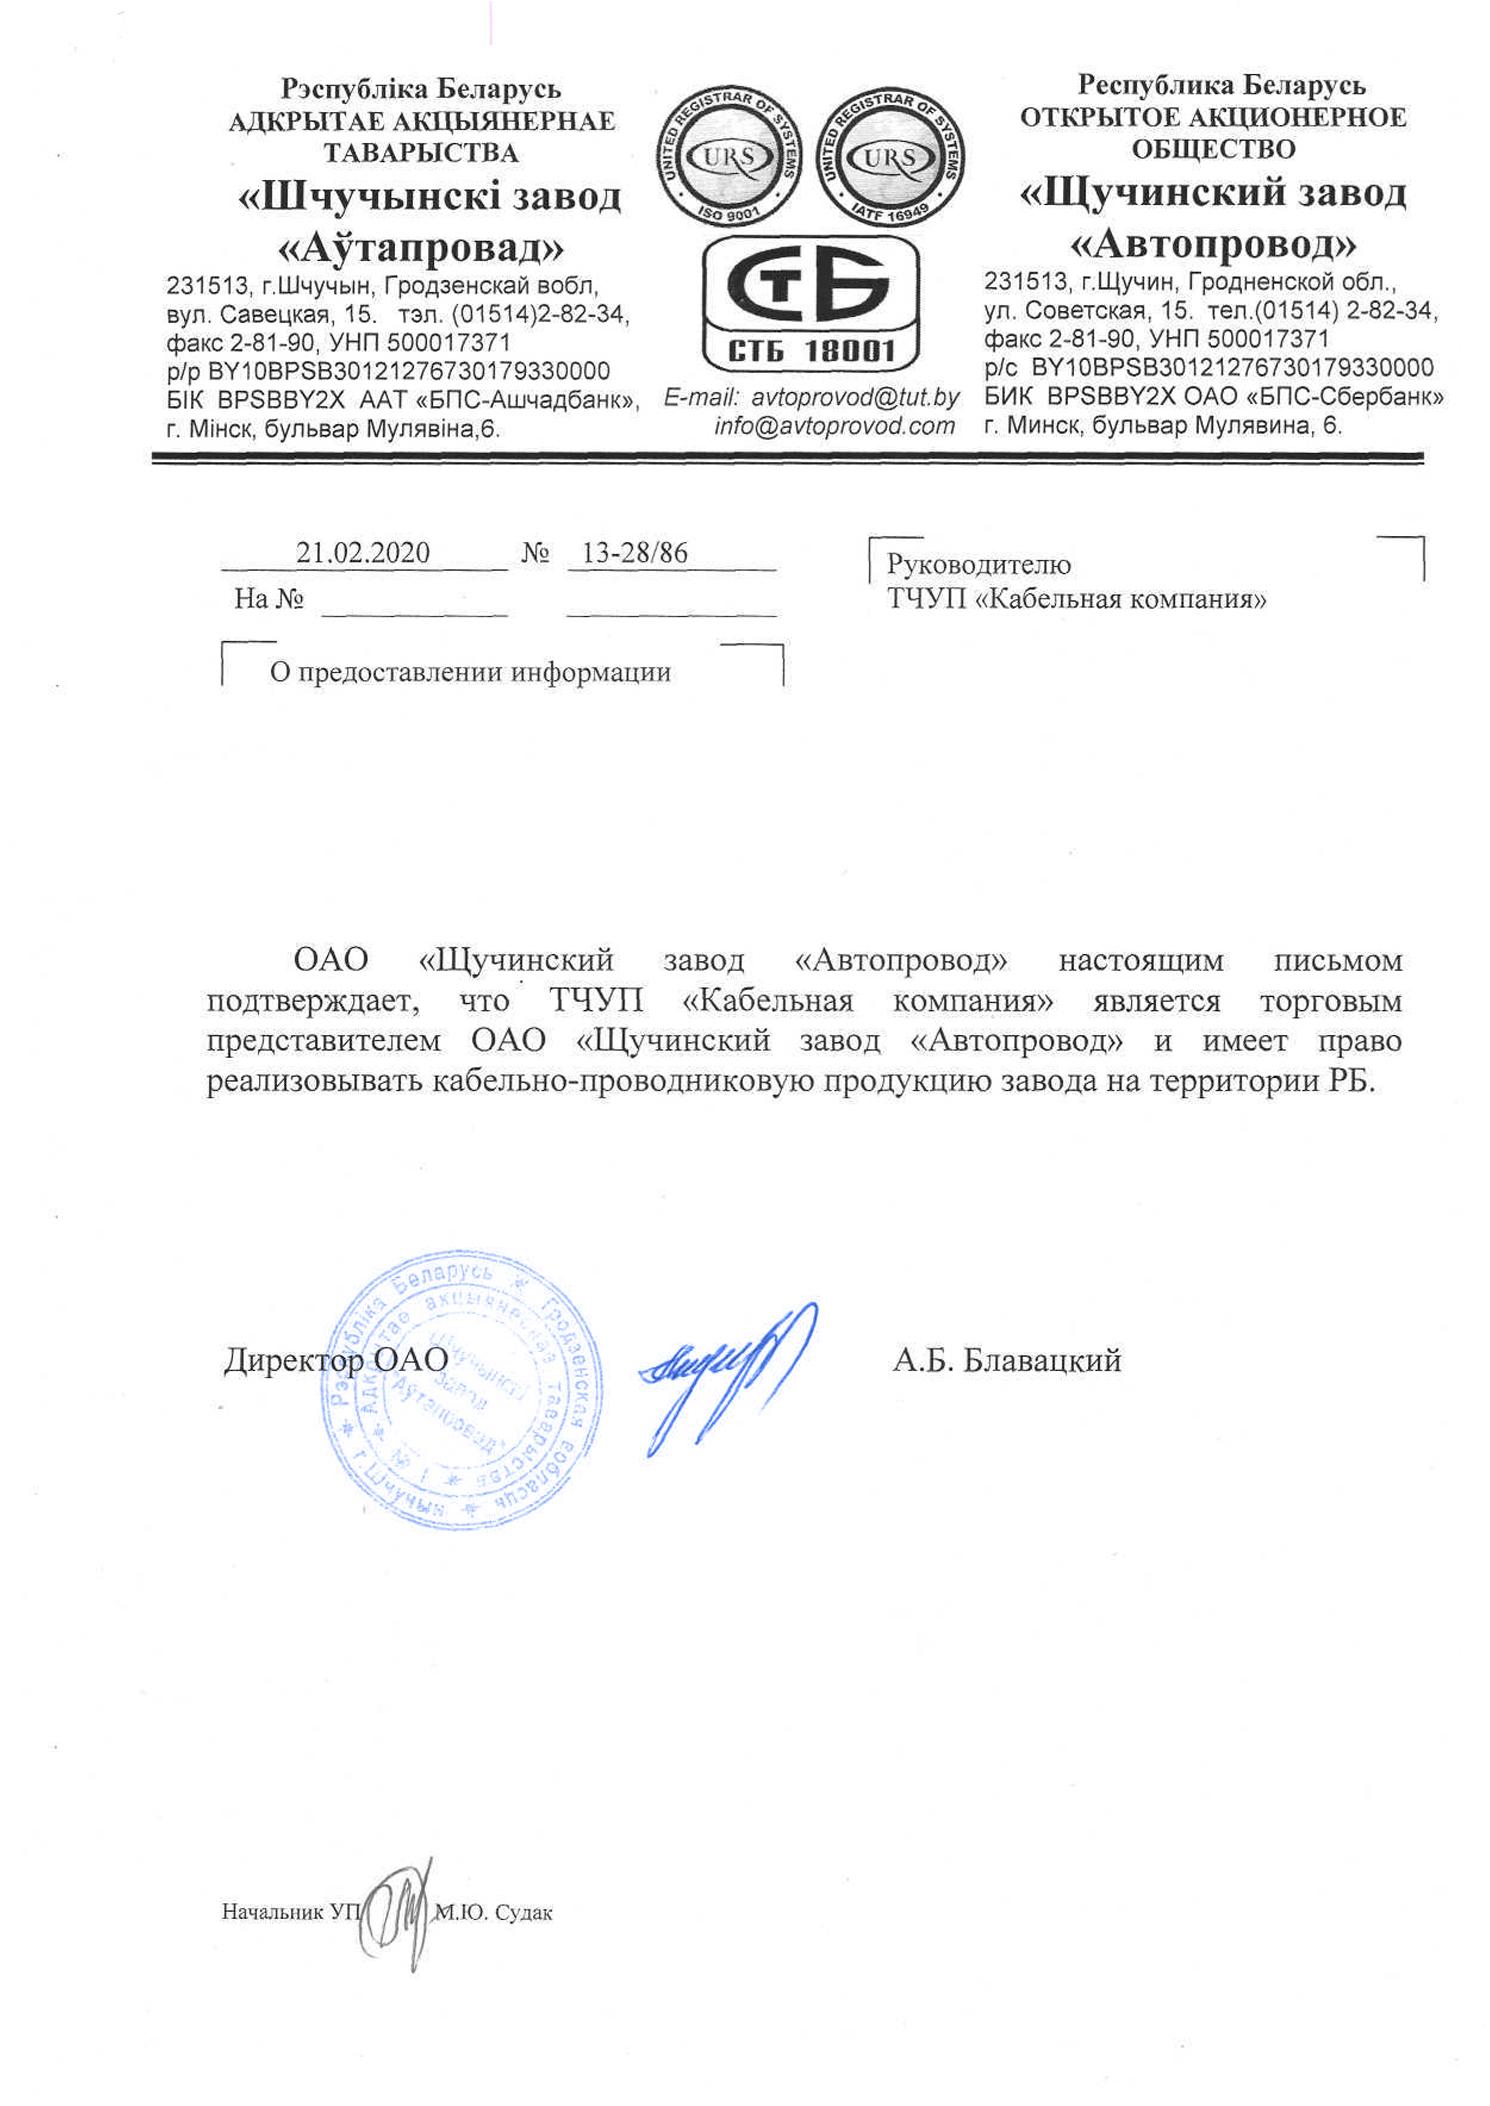 ТЧУП Кабельная компания является торговым представителем ОАО Щучинский завод Автопровод